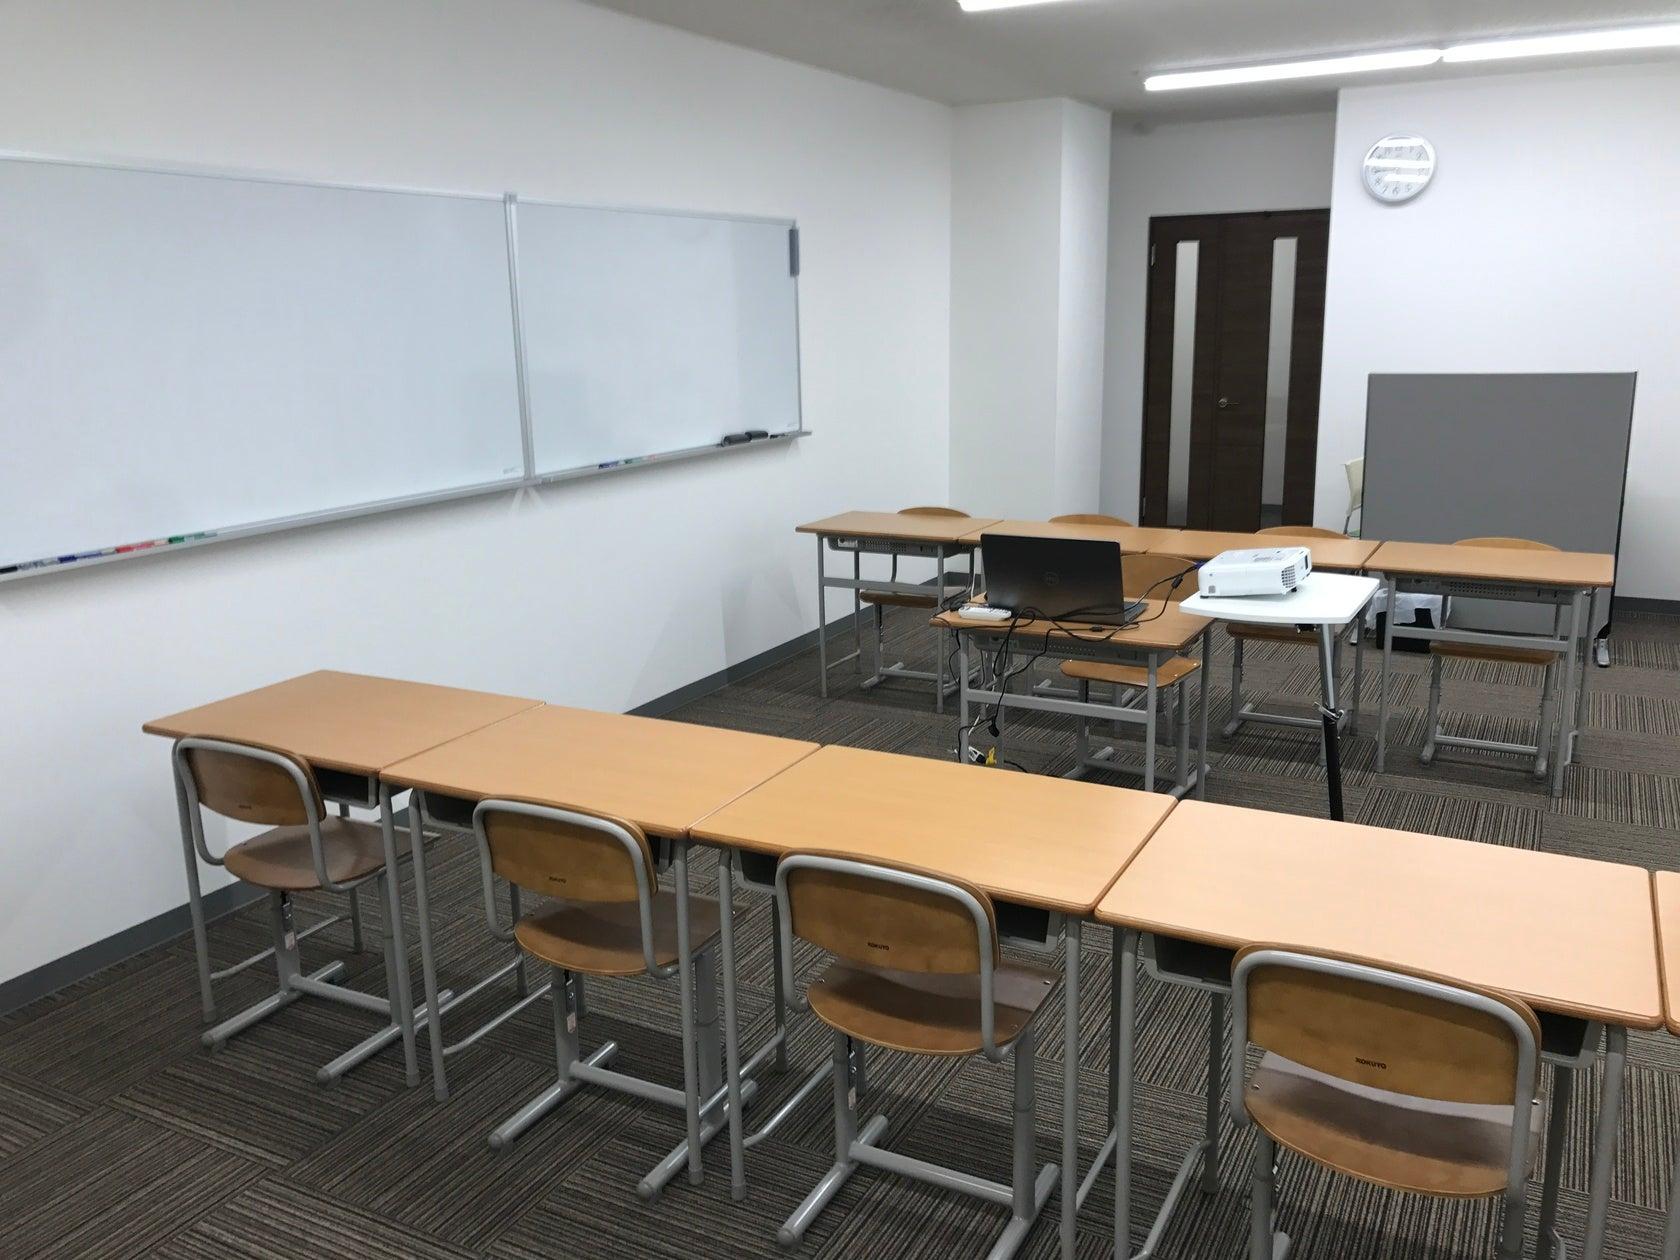 <event&meeting space>(Room1) ★教室・会議室・イベント・セミナー・撮影に最適★(桃太郎未来ゼミナール Room1) の写真0